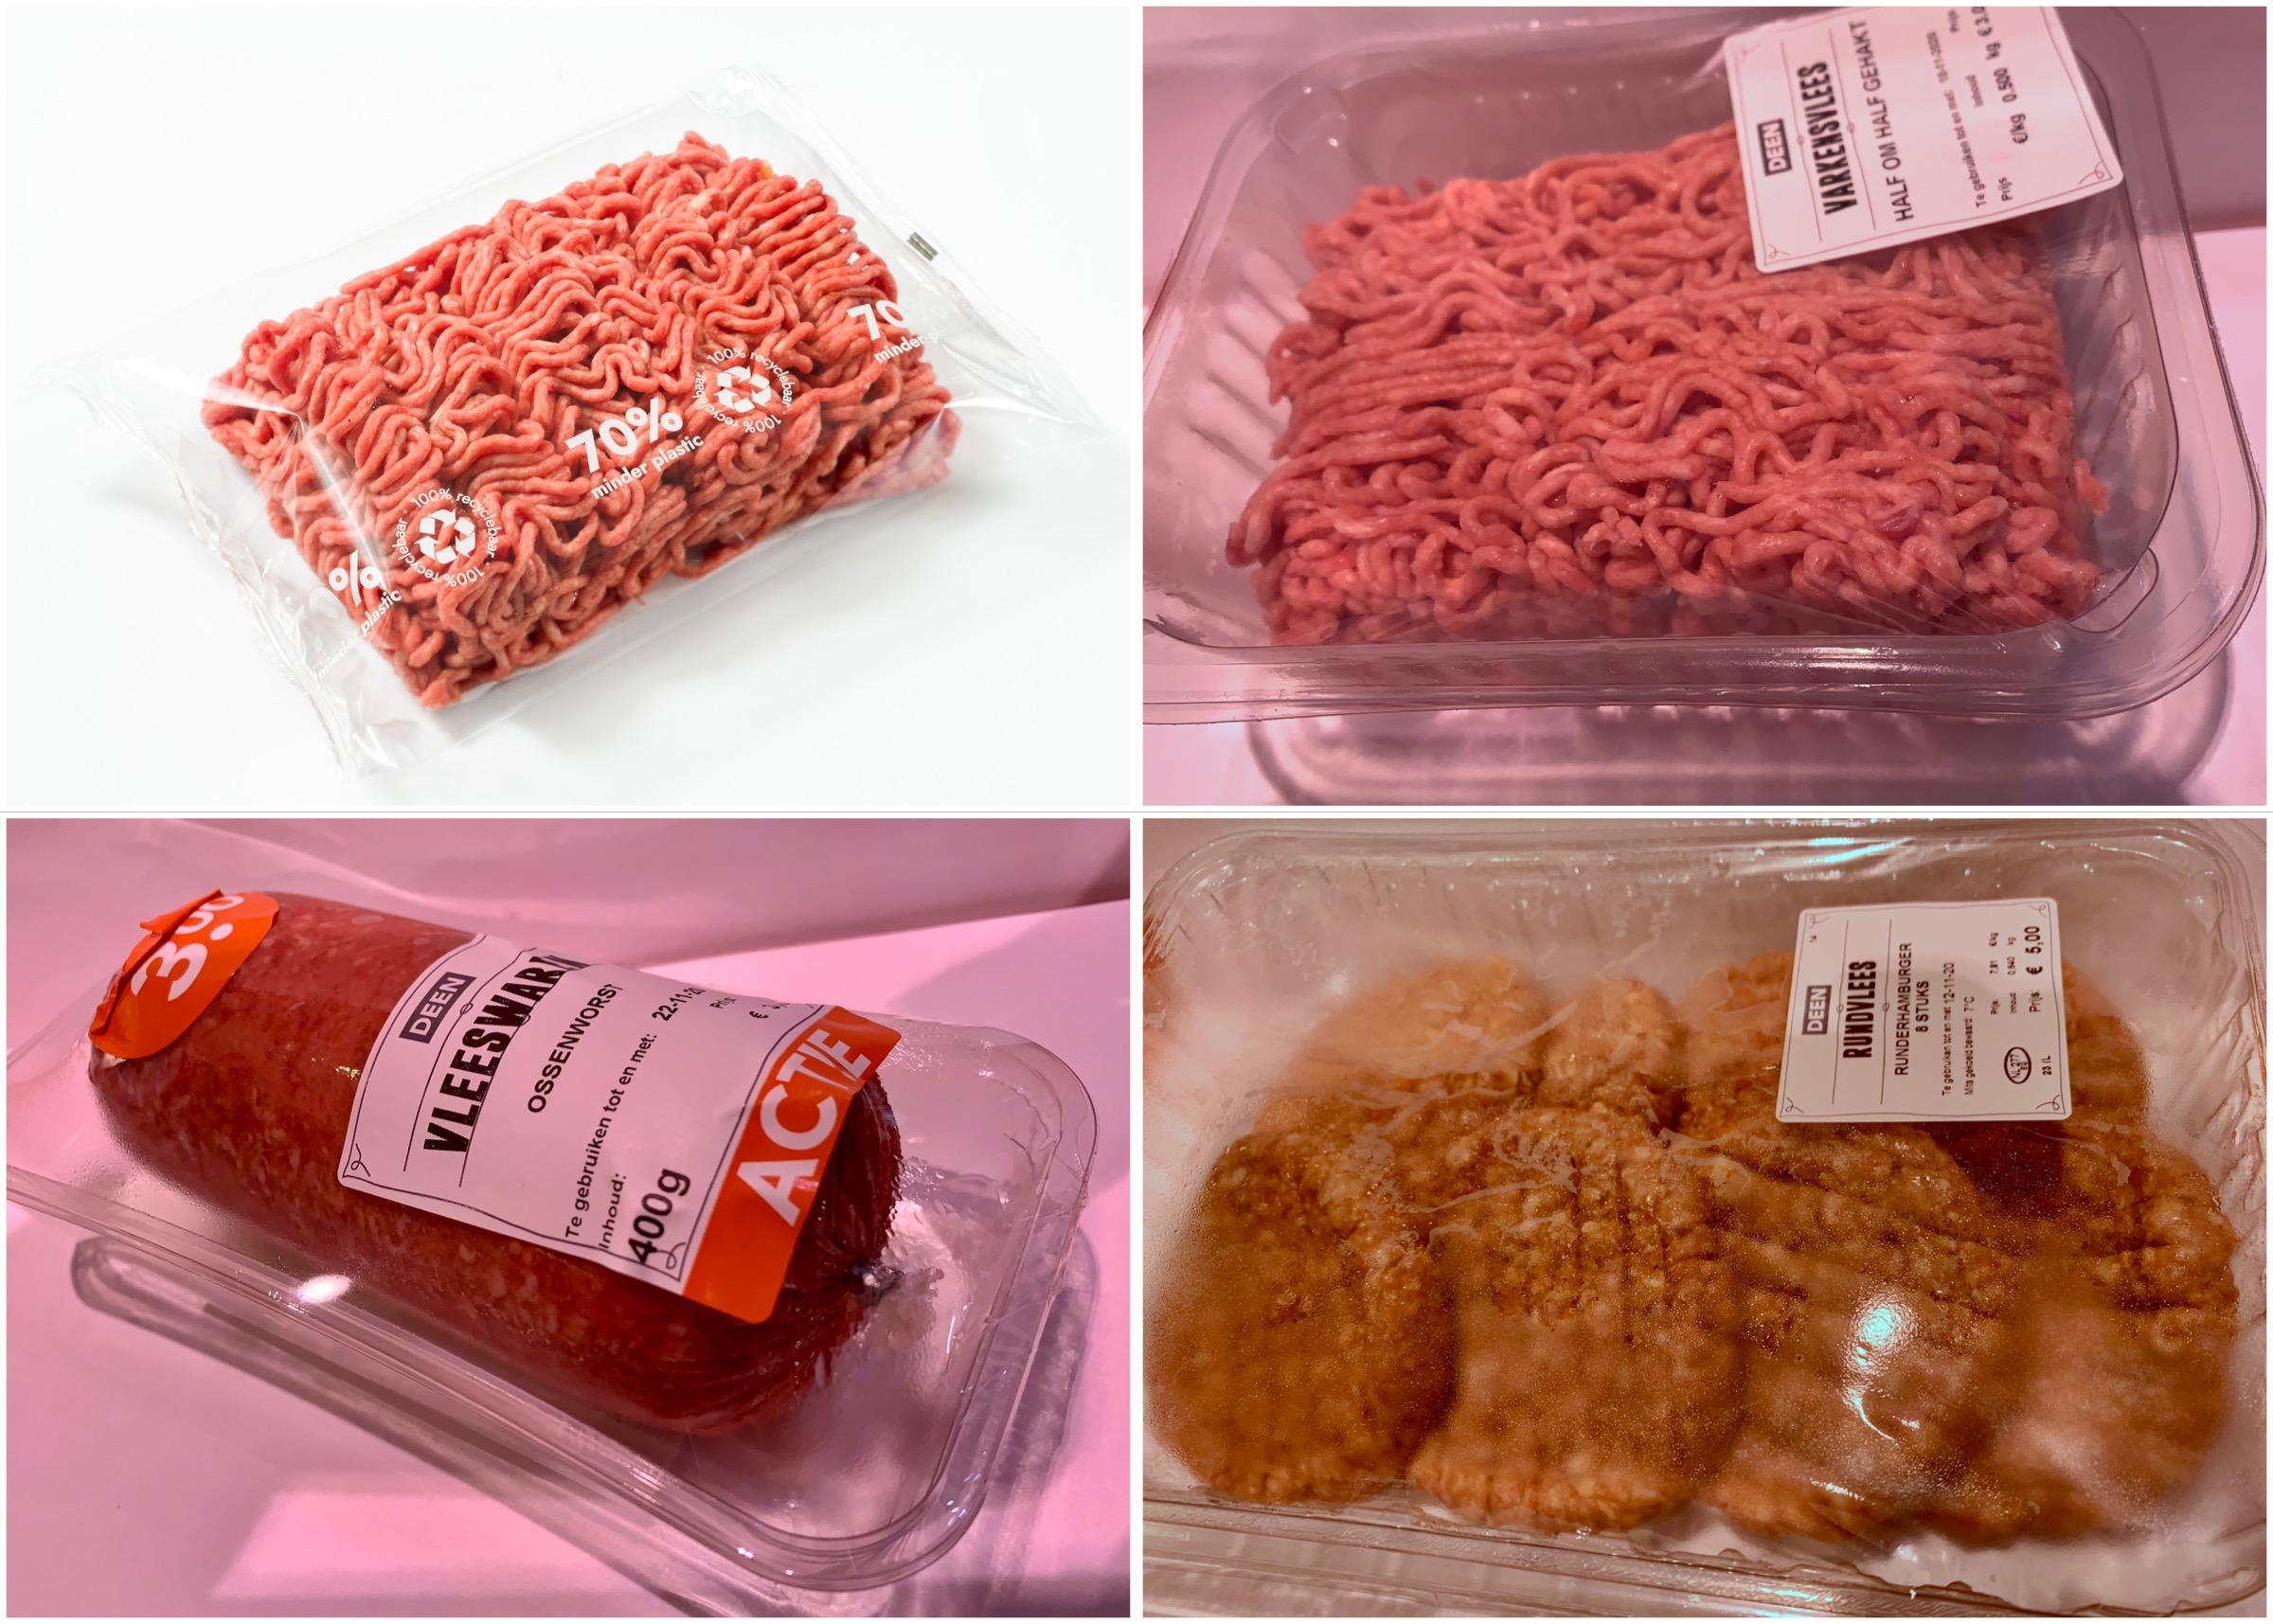 Minder plastic rond gehakt van Deen, supermarktbedrijf wil gebruik plastic in vleesverpakkingen met 70 procent verminderen